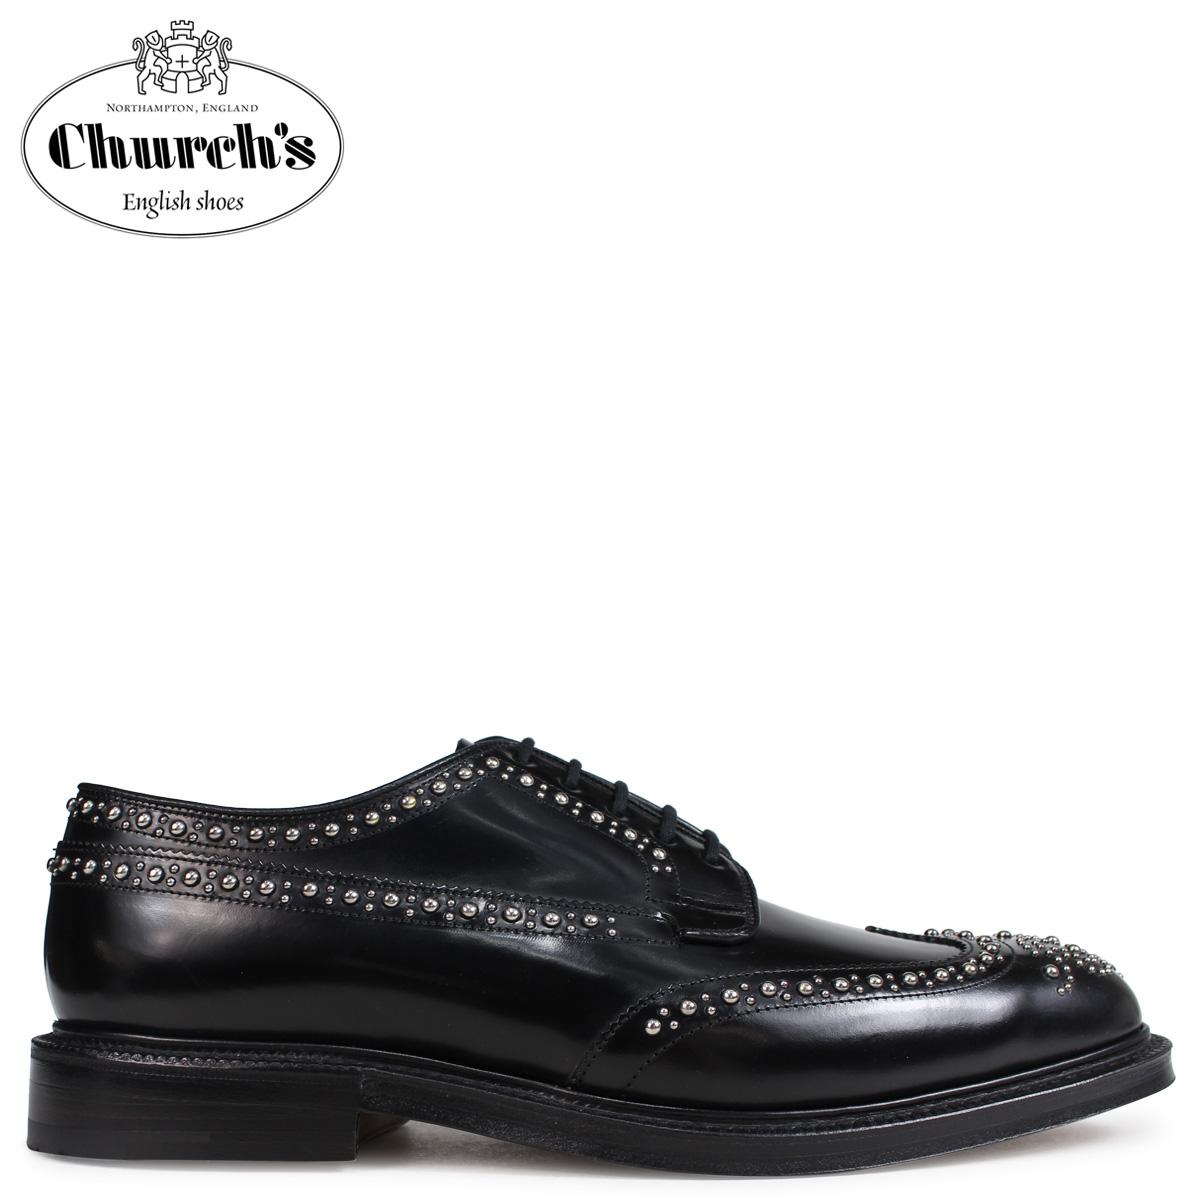 Churchs チャーチ 靴 グラフトン メット ウイングチップ シューズ メンズ GRAFTON MET POLISHED BINDER EEB228 スタッズ ブラック 黒